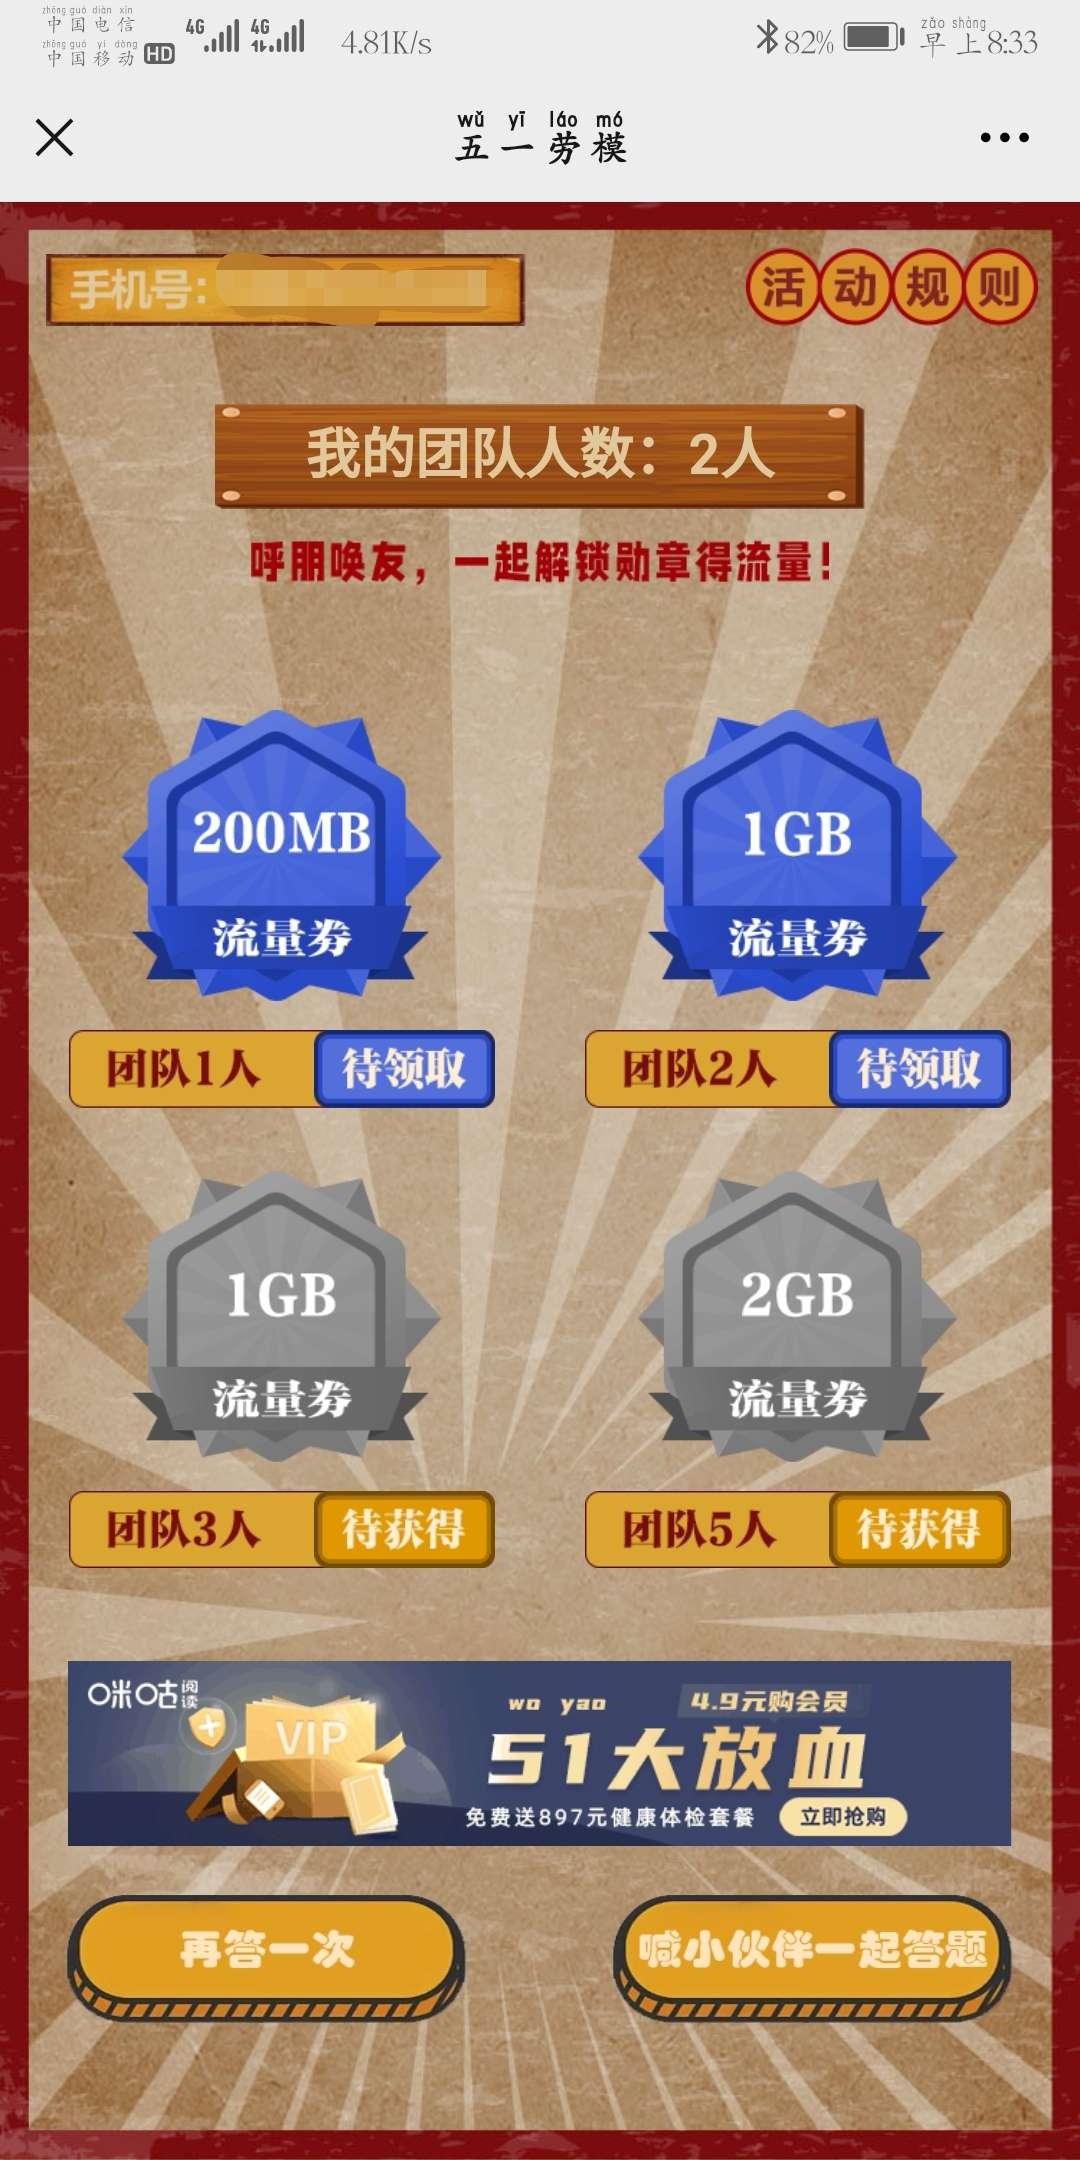 中国移动五一答题,最高领6G。